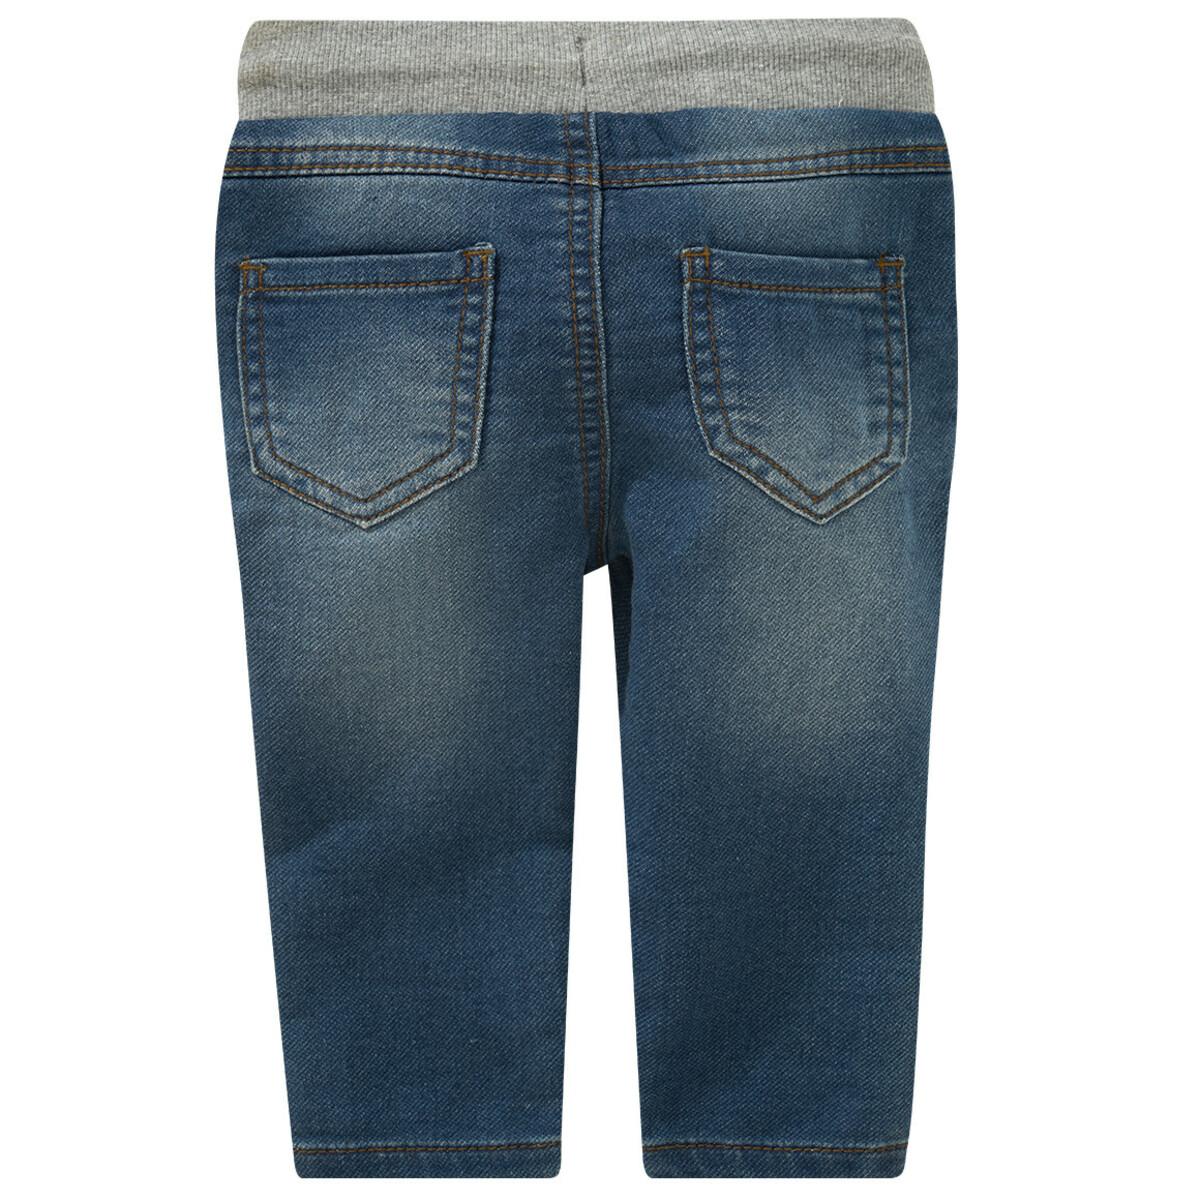 Bild 2 von Baby Pull-on-Jeans